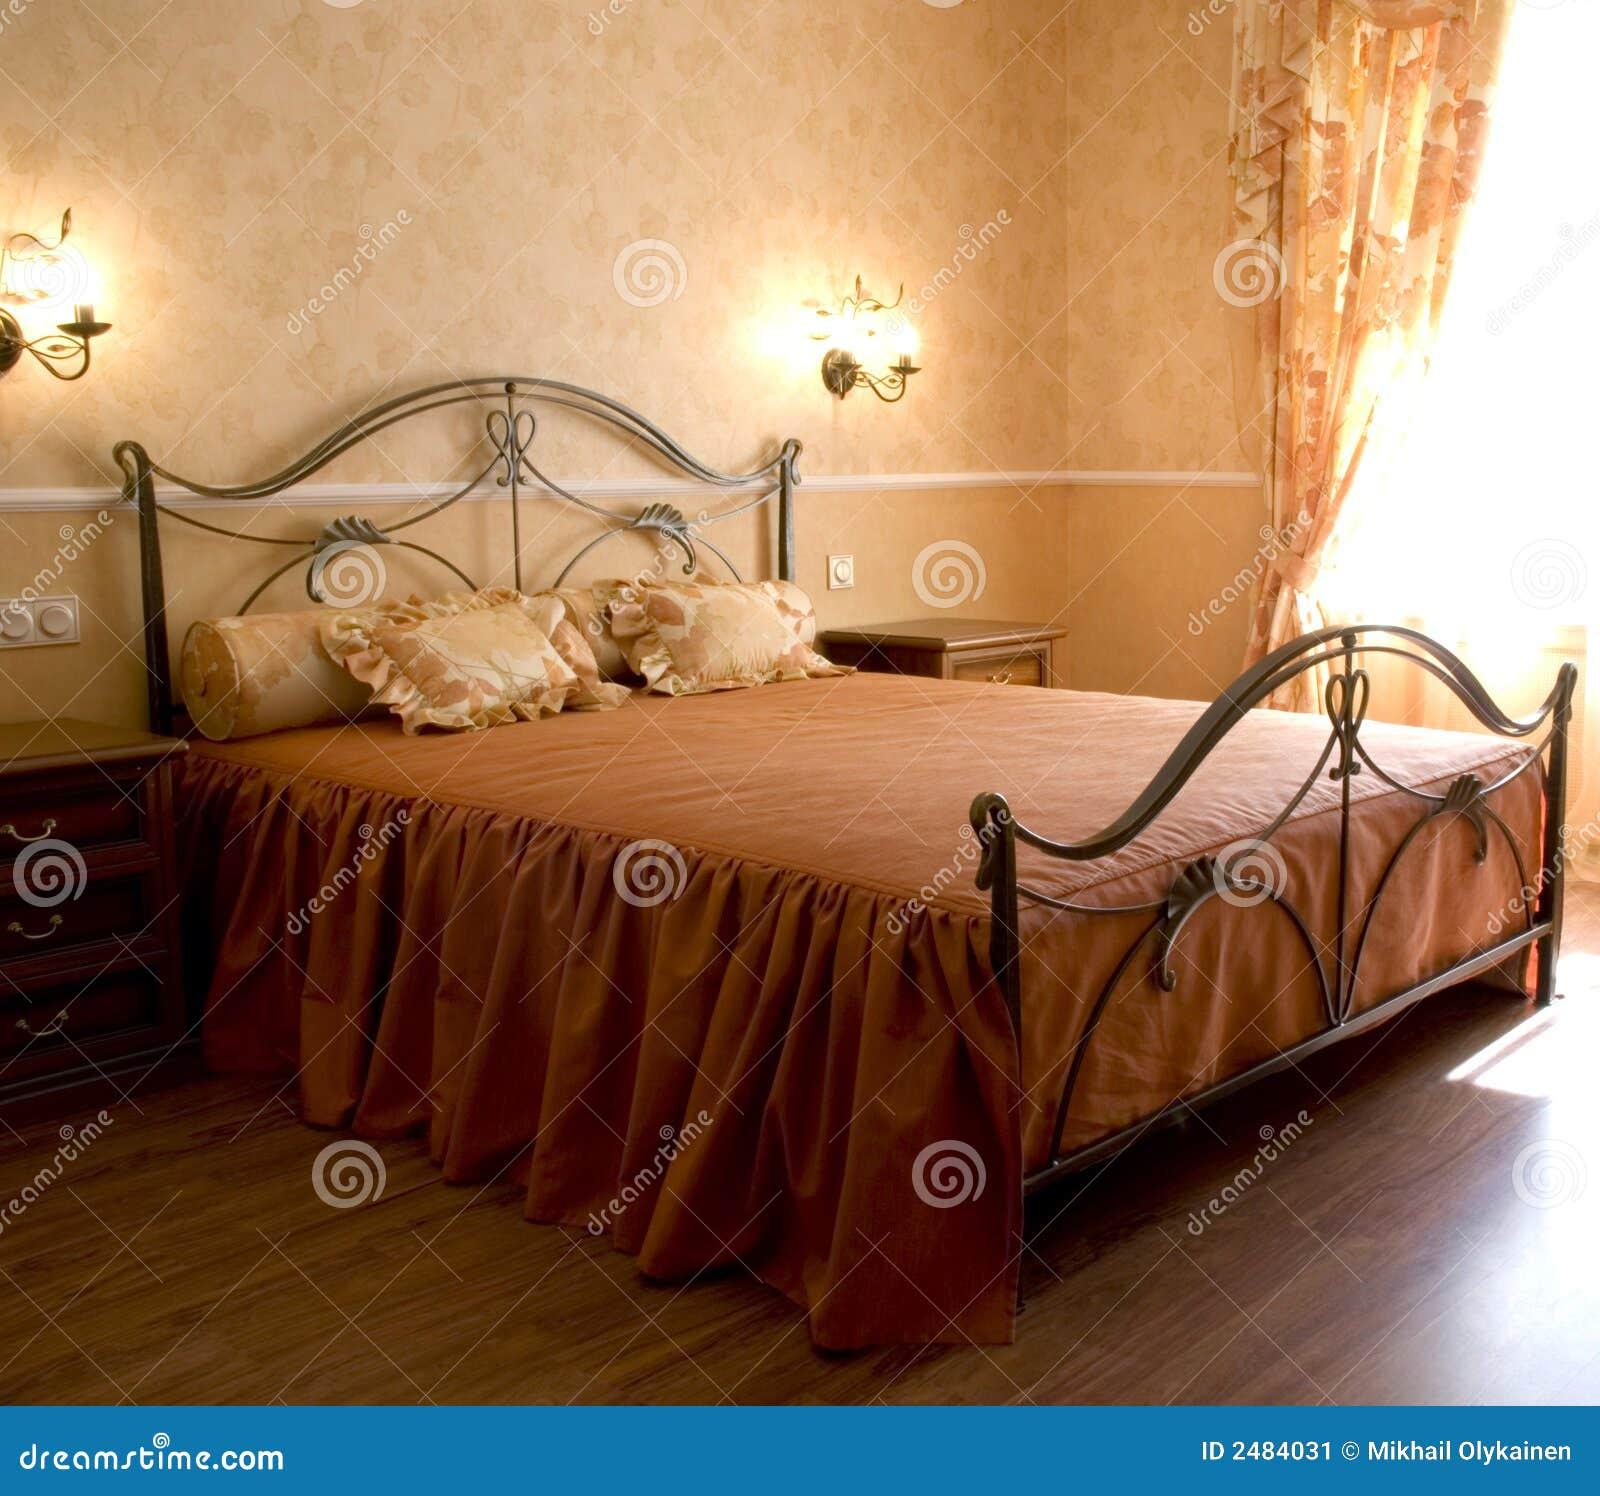 Romantische slaapkamer beste inspiratie voor huis ontwerp - Romantische slaapkamer ...